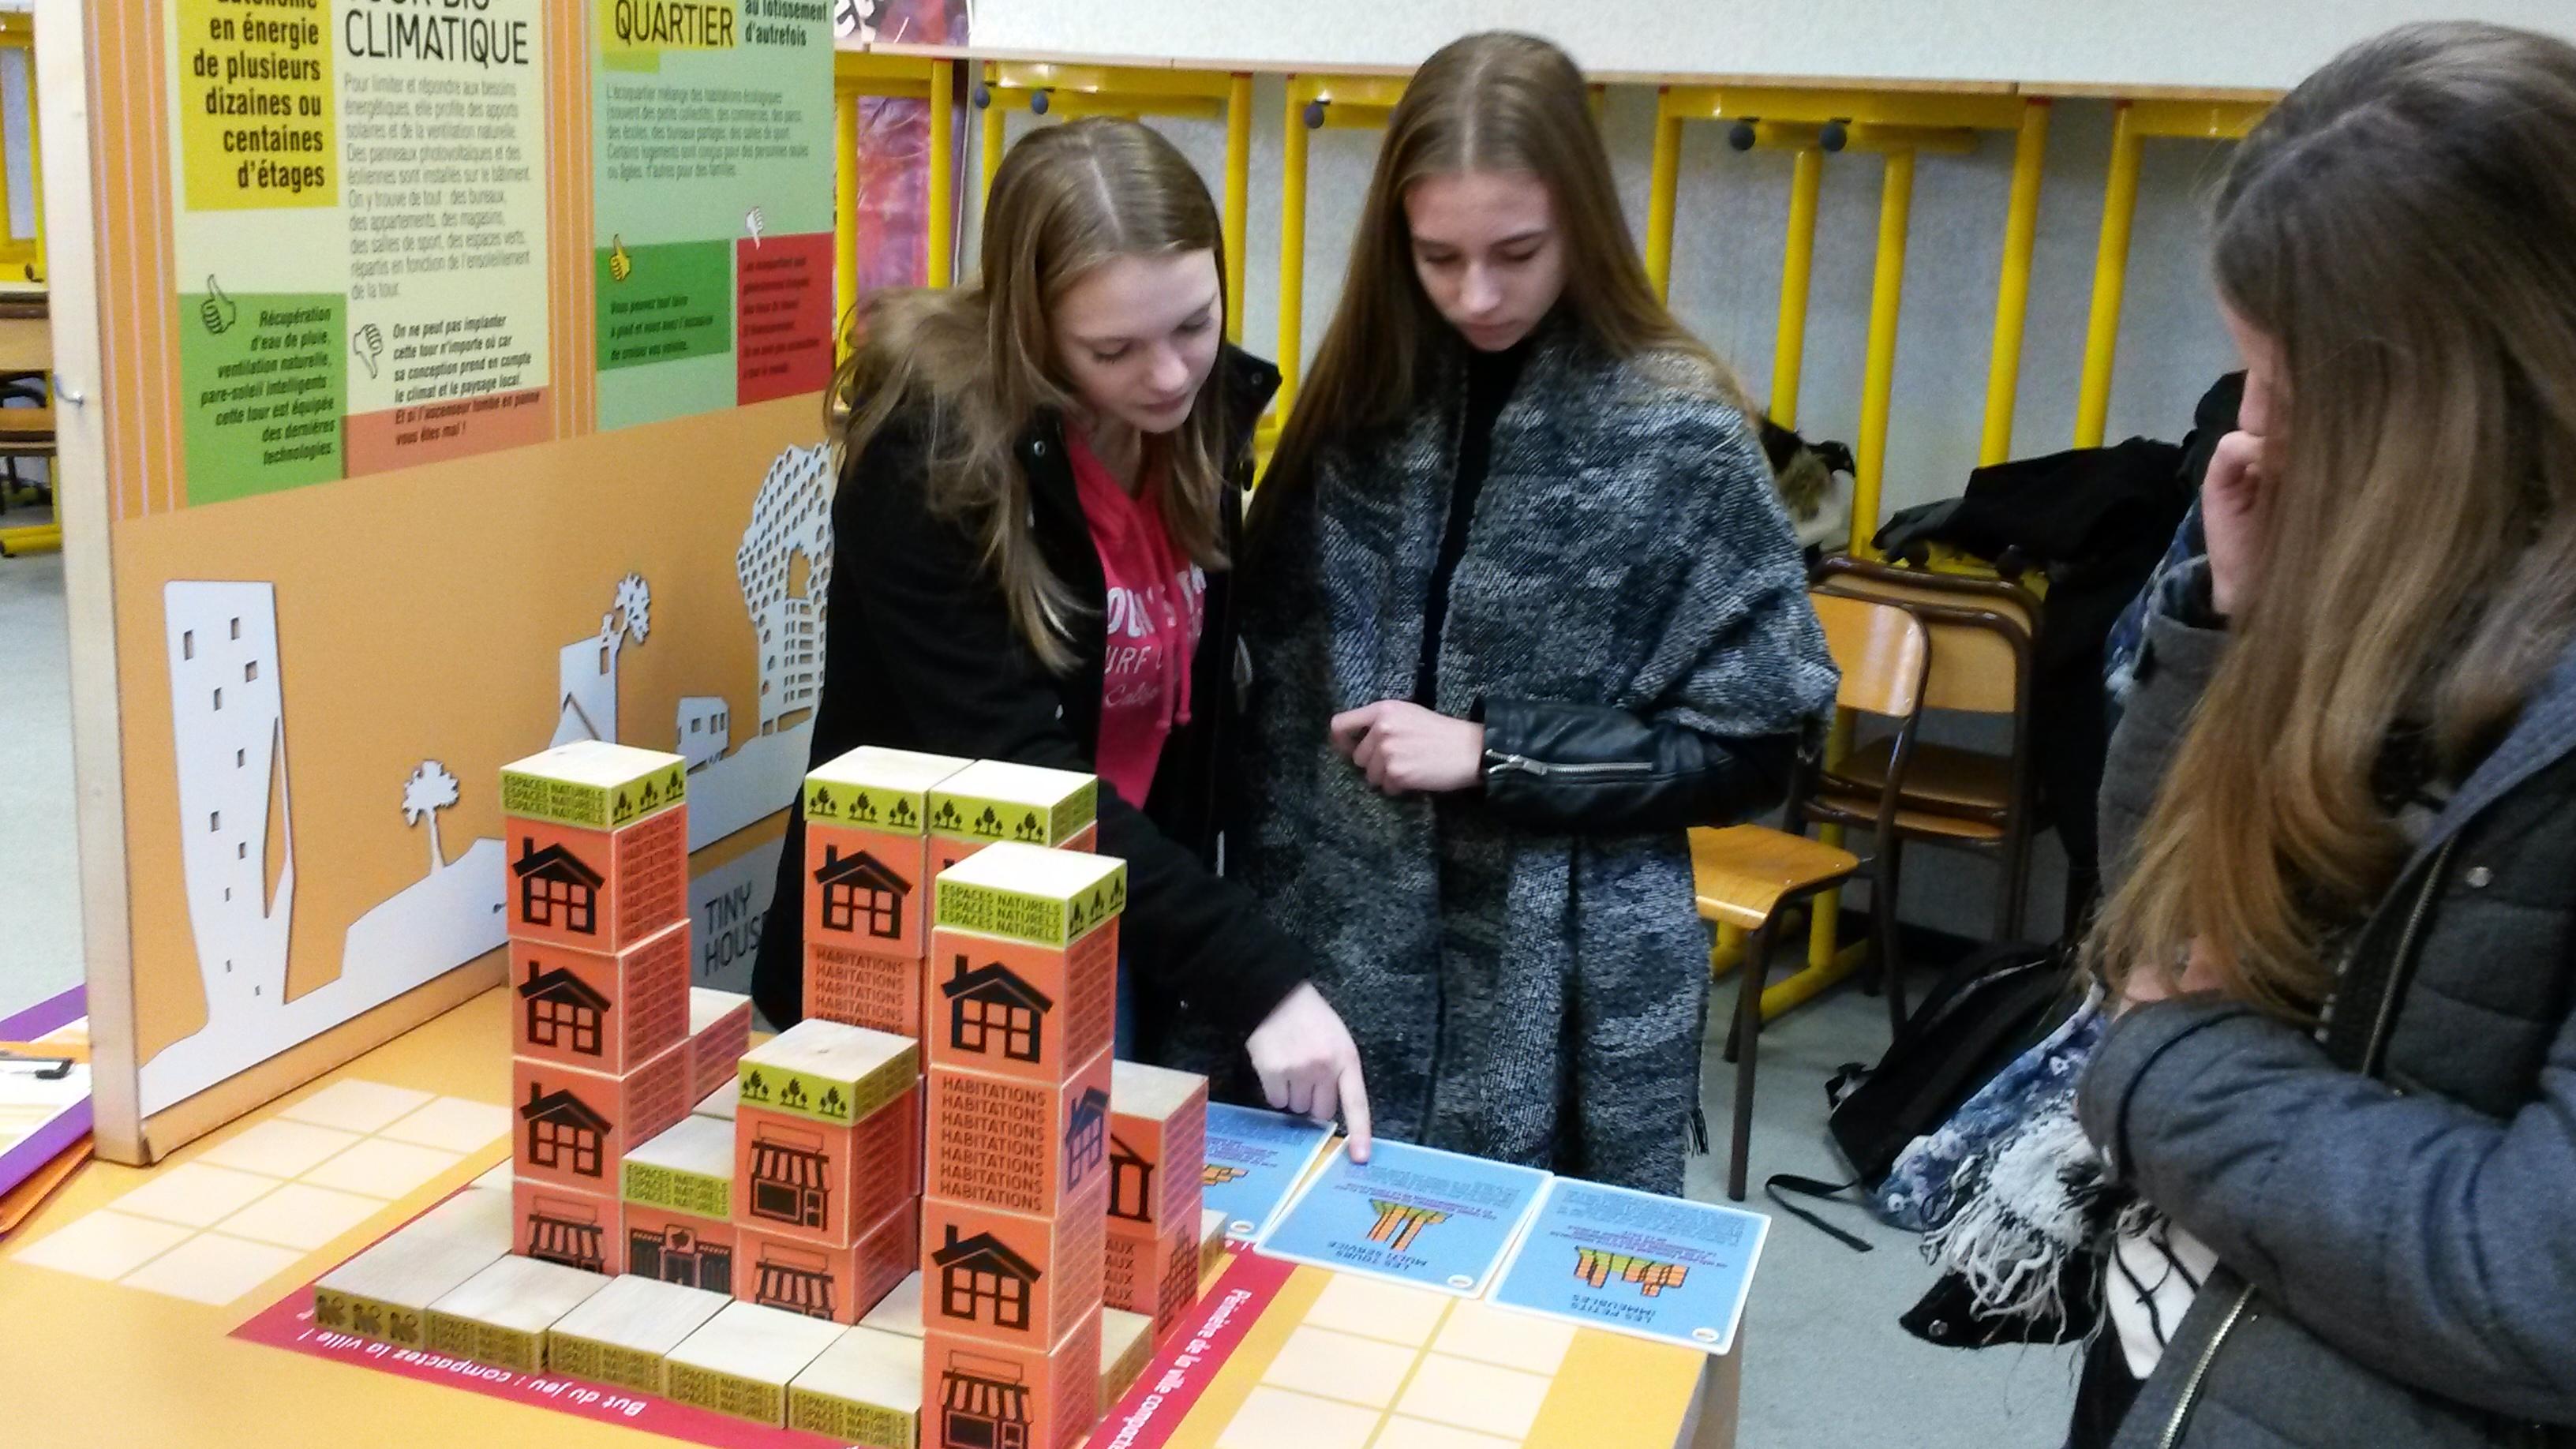 Les élèves du lycée Jean Rostand de Caen découvre l'exposition